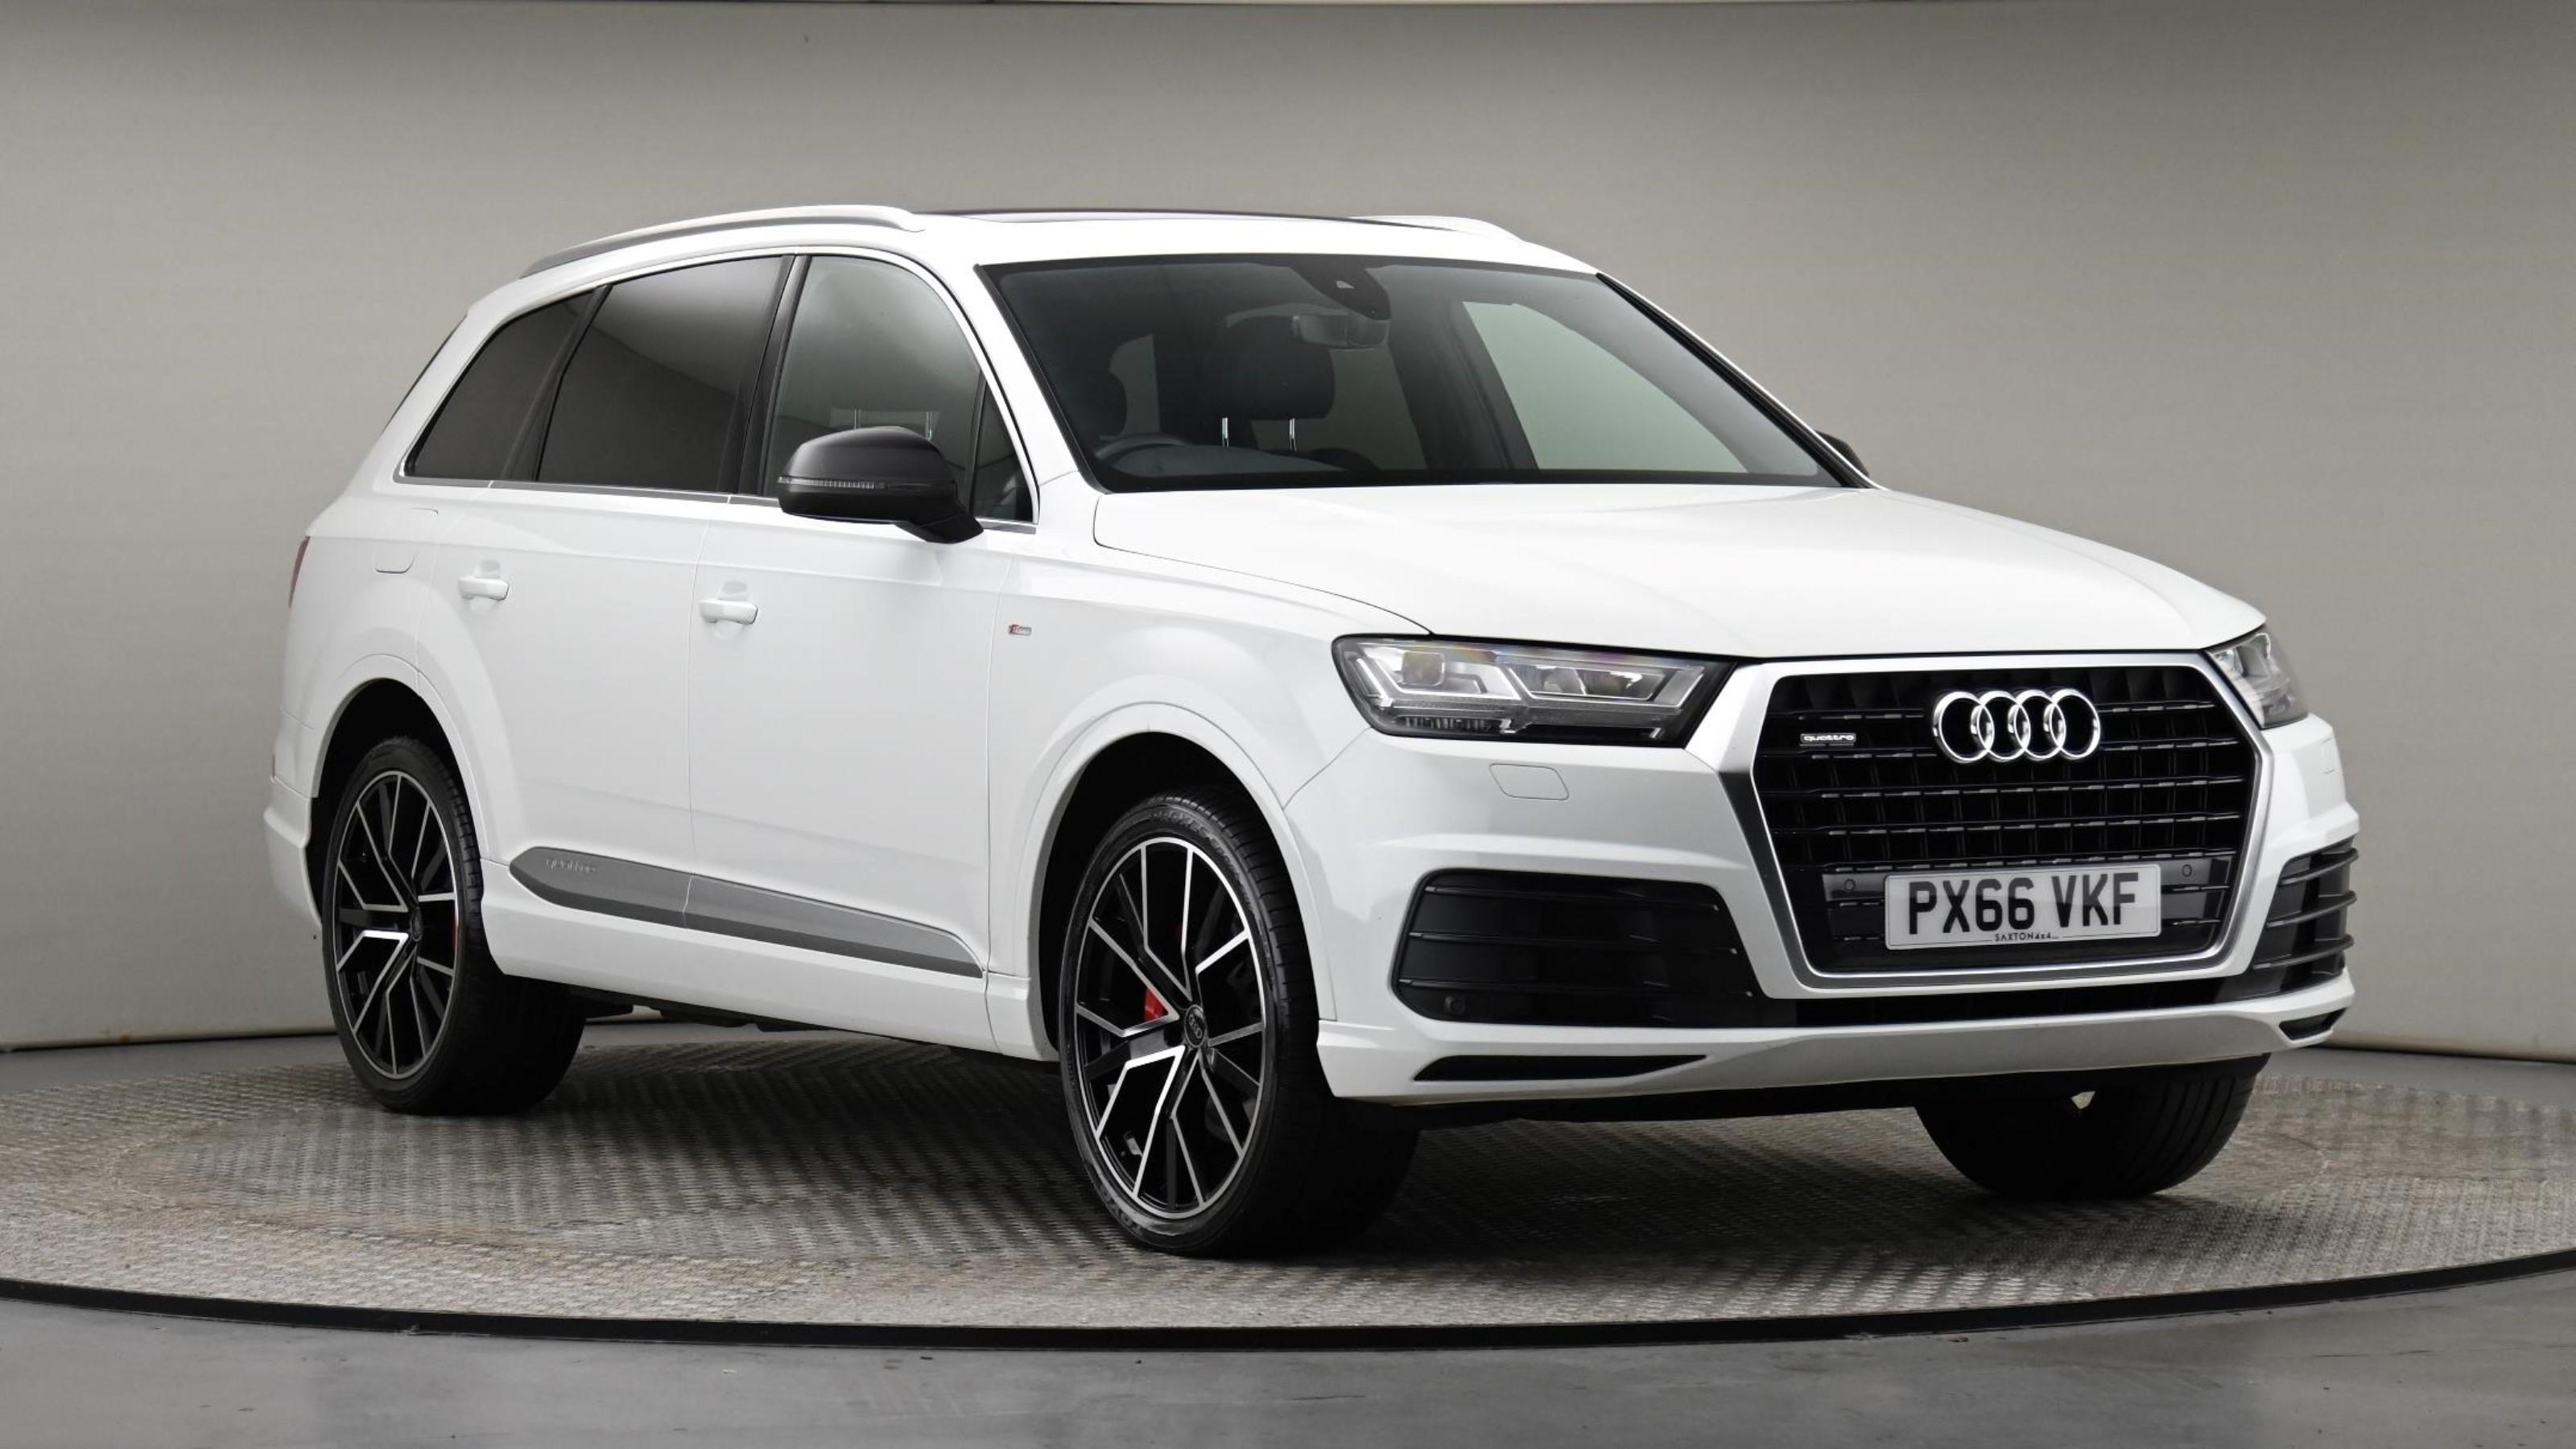 Used 2016 Audi Q7 3.0 TDI Quattro S Line 5dr Tip Auto at Saxton4x4